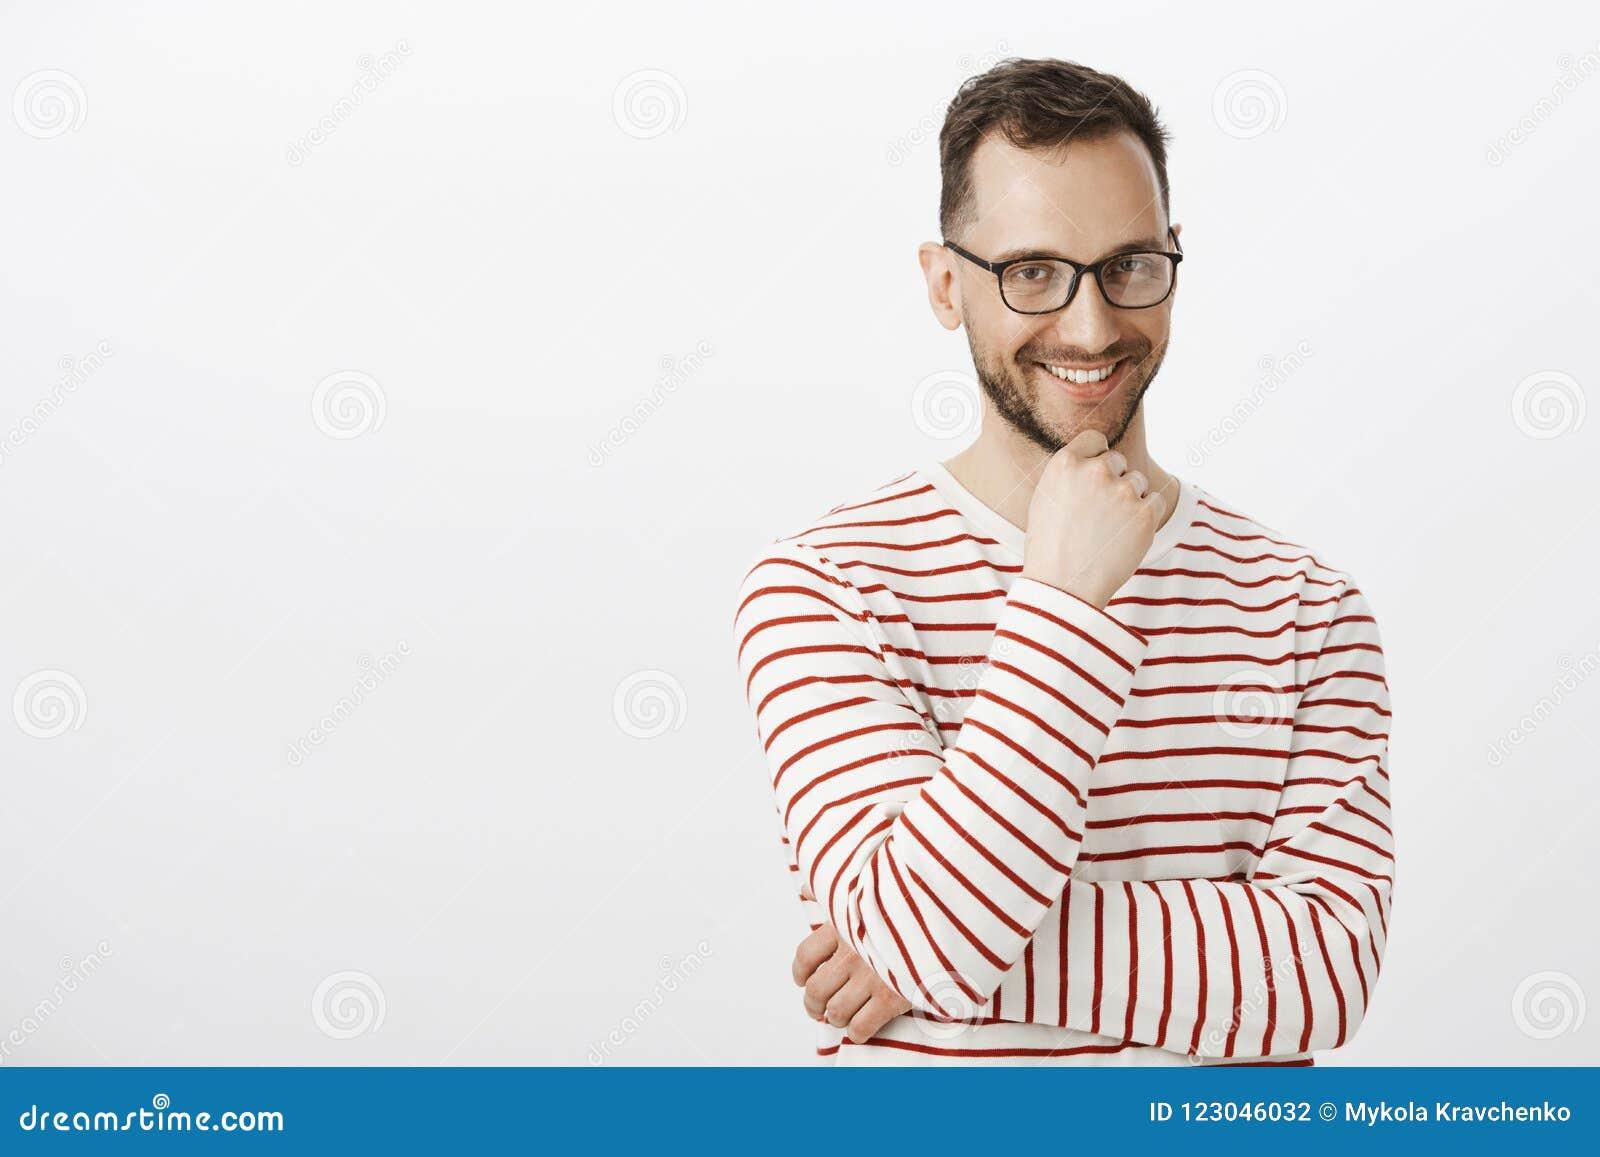 Εσωτερικός πυροβολισμός του εύθυμου όμορφου ομοφυλοφιλικού τύπου στα μαύρα γυαλιά, χαμογελώντας με τη ραδιουργημένη έκφραση, που